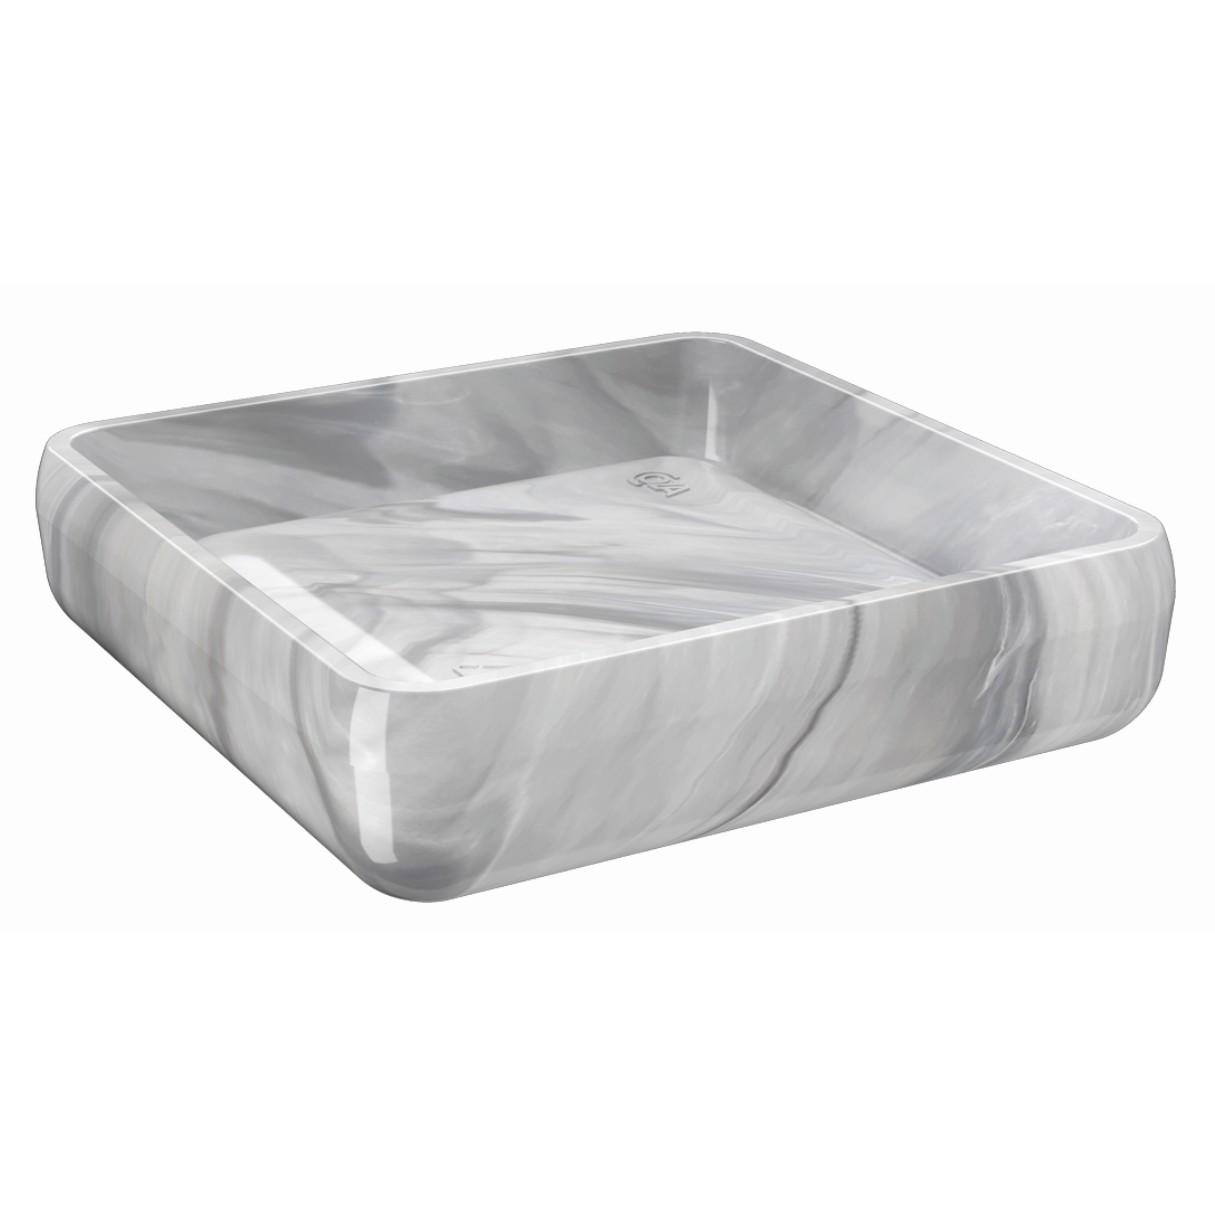 Saboneteira de Bancada Plastico Quadrada Marmore 20875 - Coza